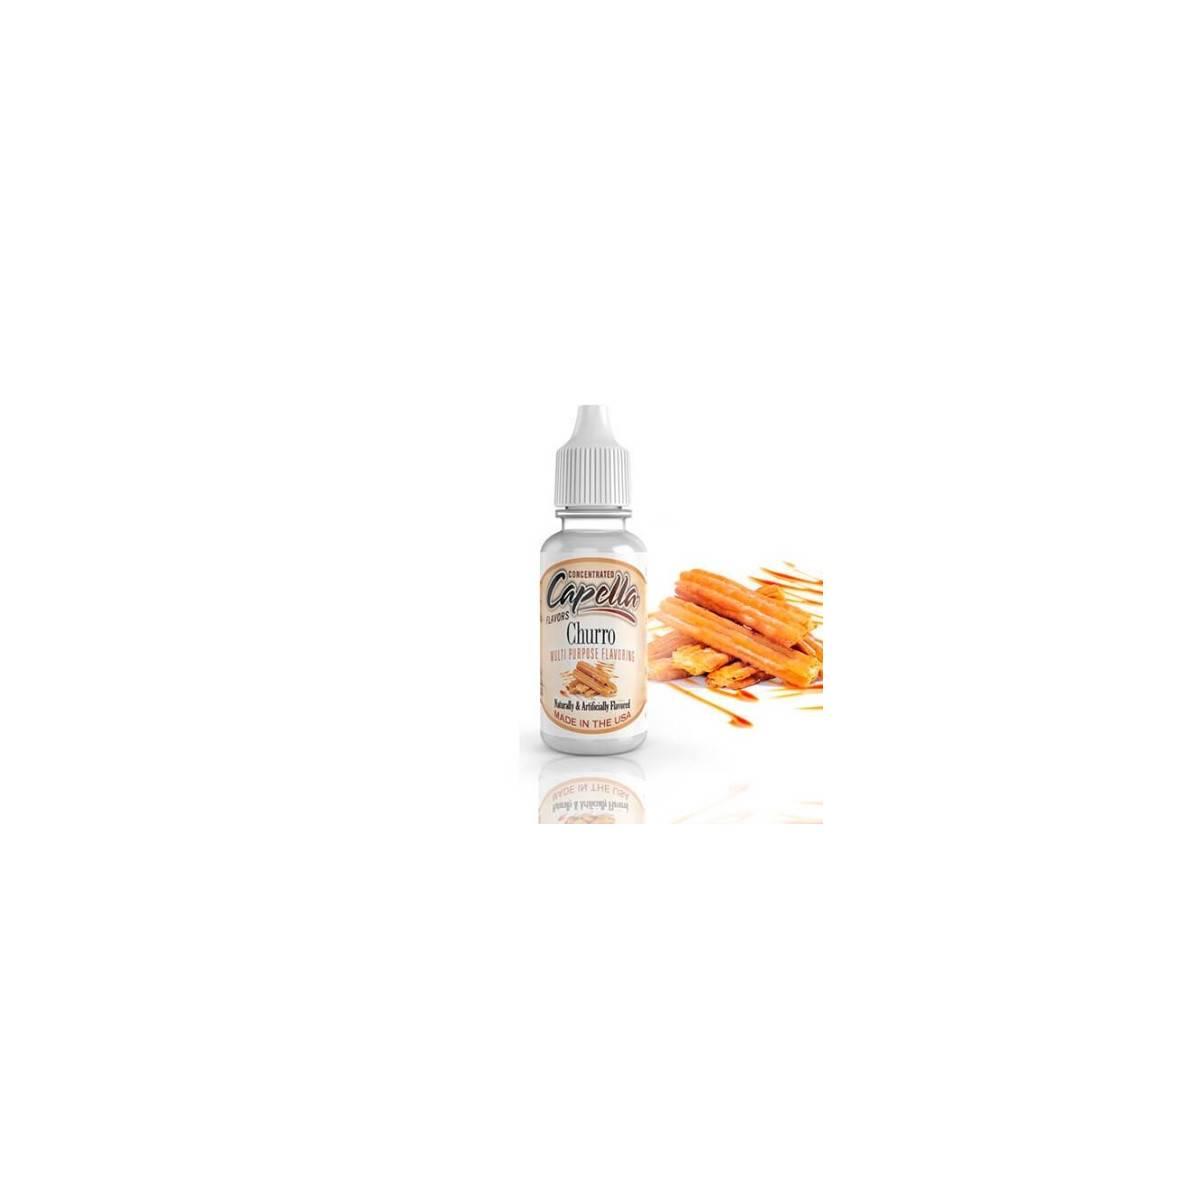 Aroma Churro 13ml - Capella